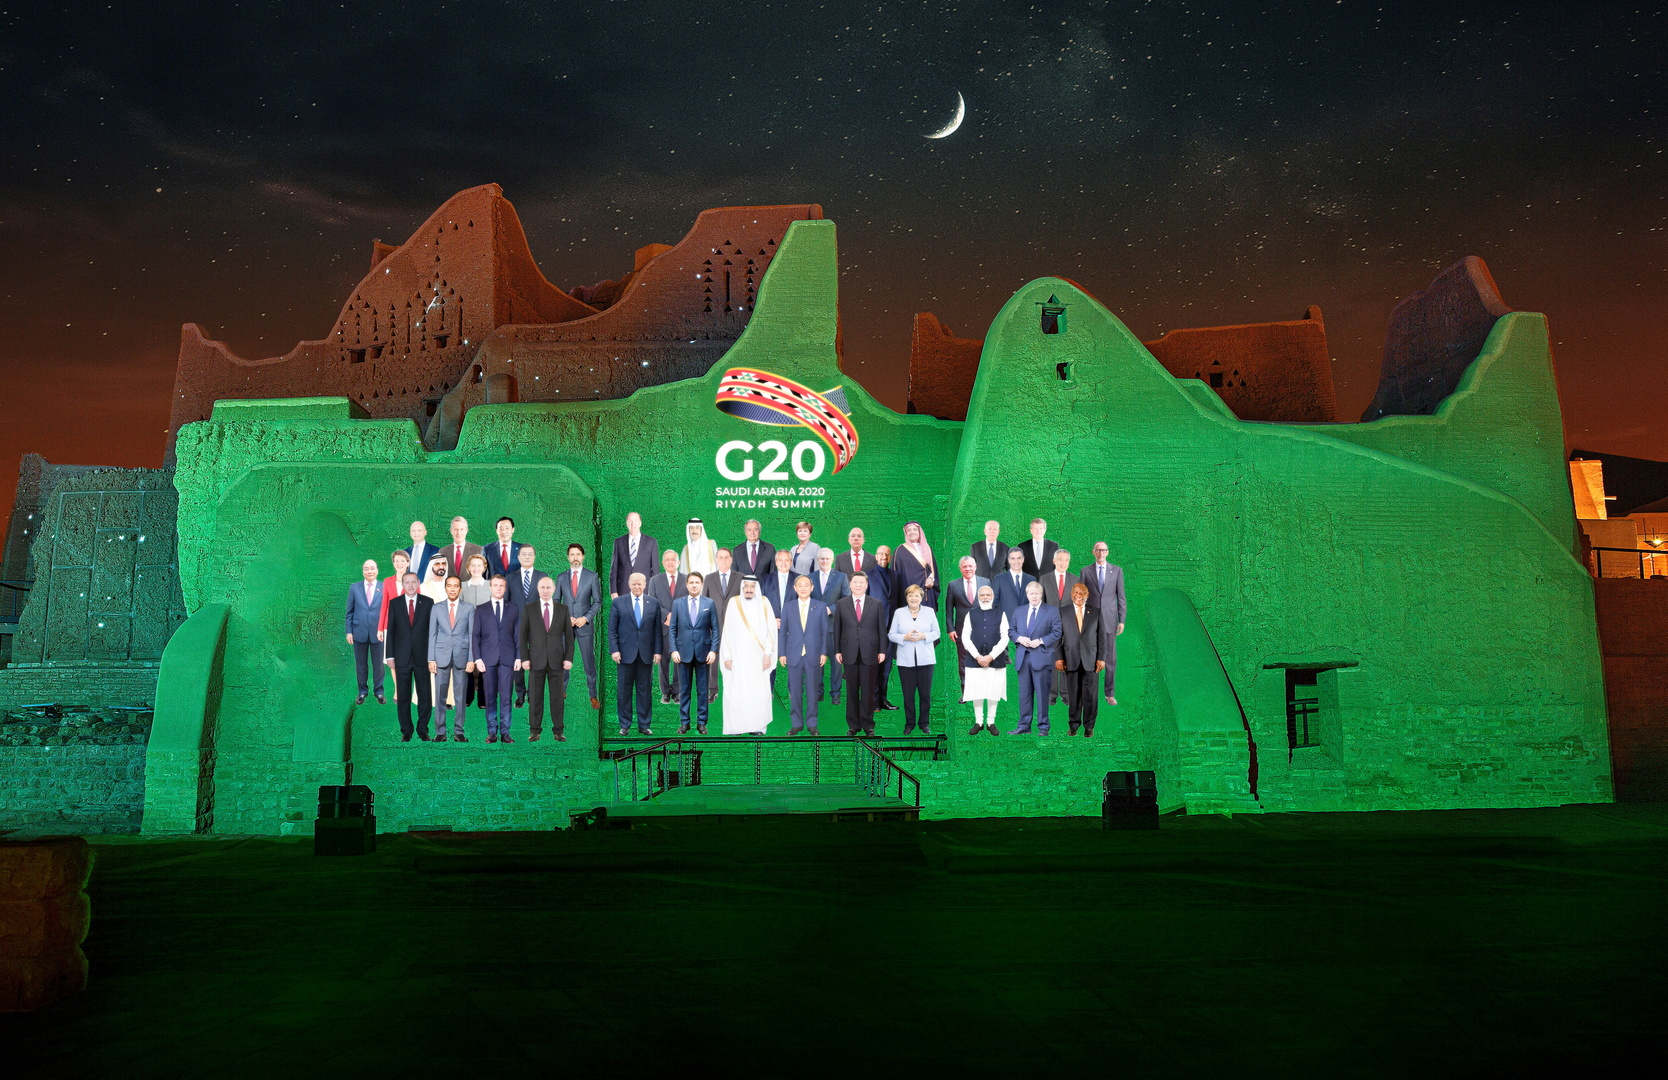 بالأرقام.. مجموعة العشرين وترتيب اقتصاداتها؟